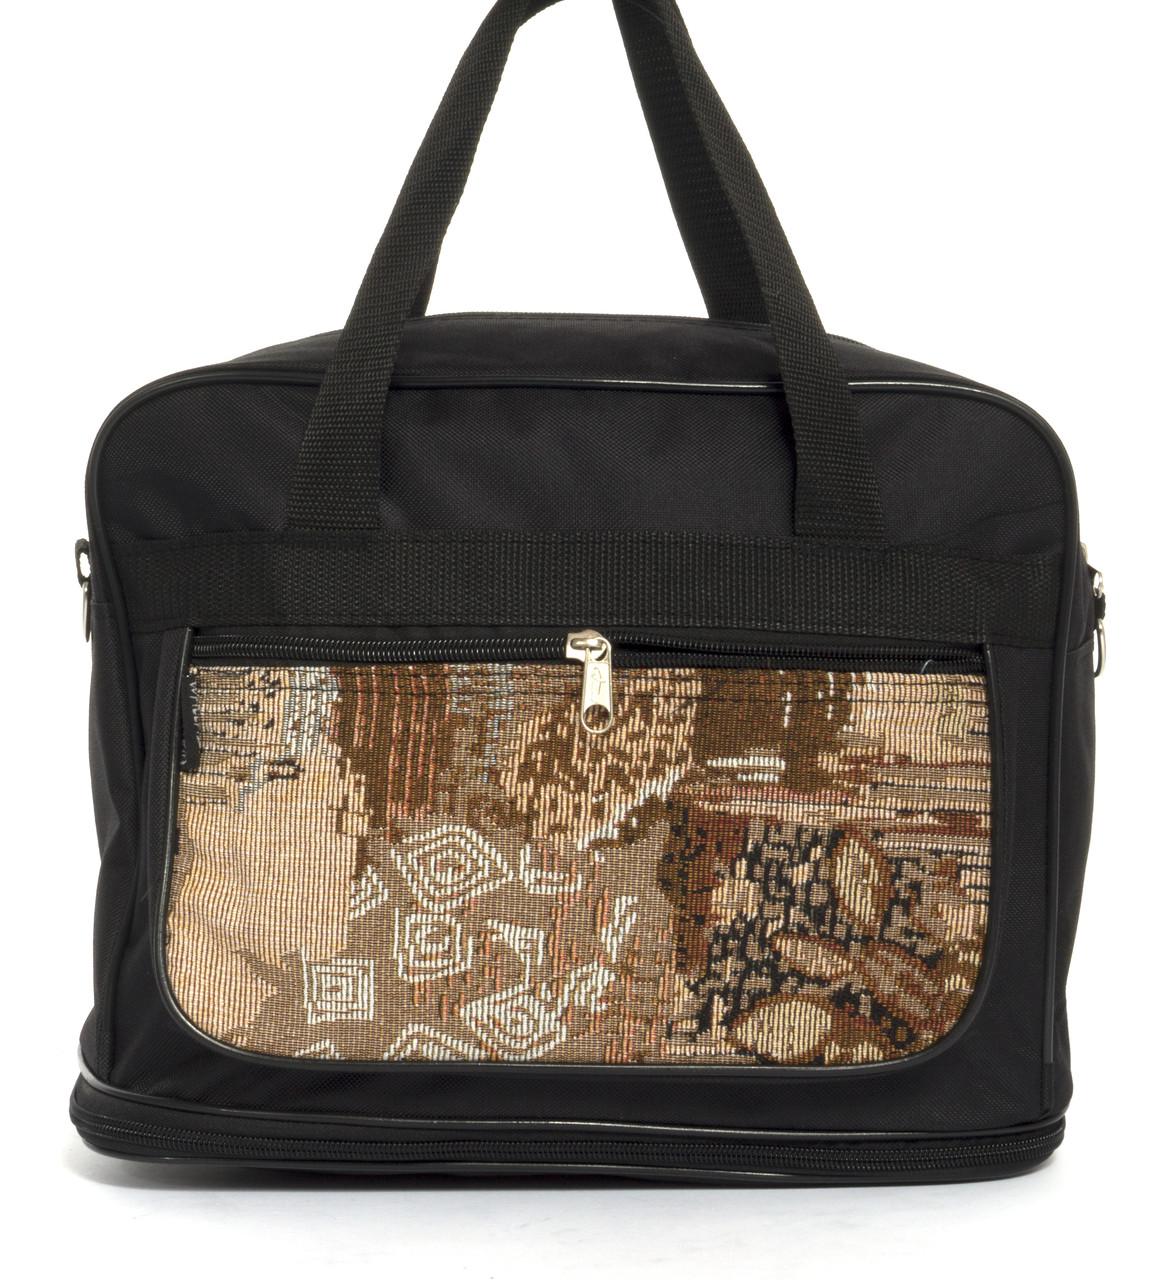 Вместительная мужская текстильная сумка черного цвета с двойным дном WALLABY art. 20711 Украина